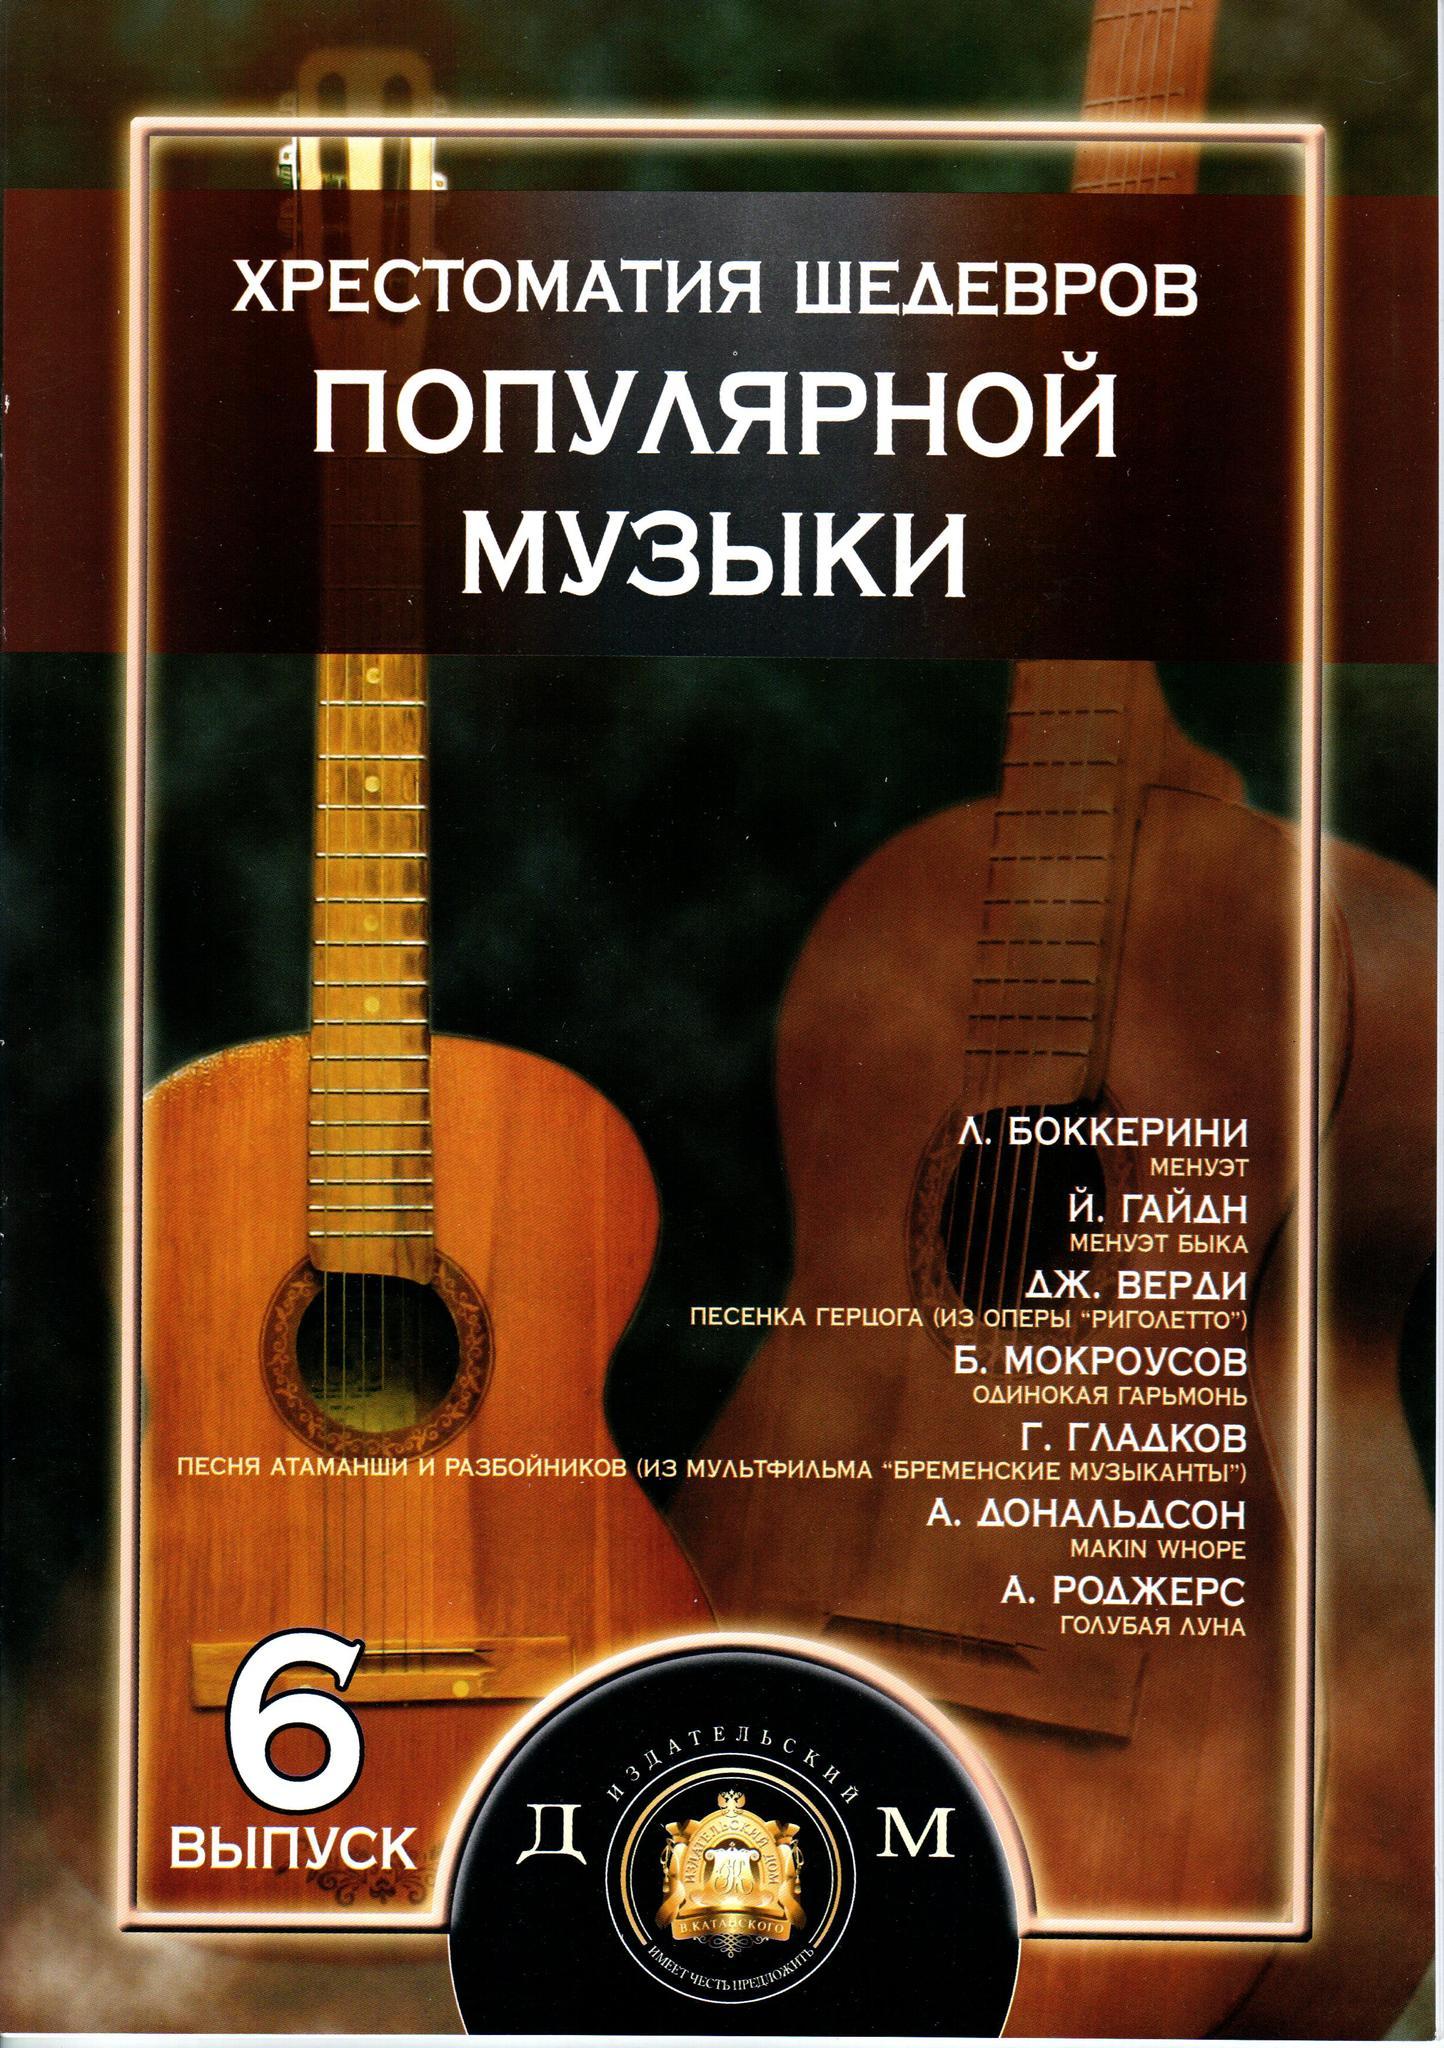 Колосов В. М. Хрестоматия шедевров популярной музыки.Тетрадь 6.